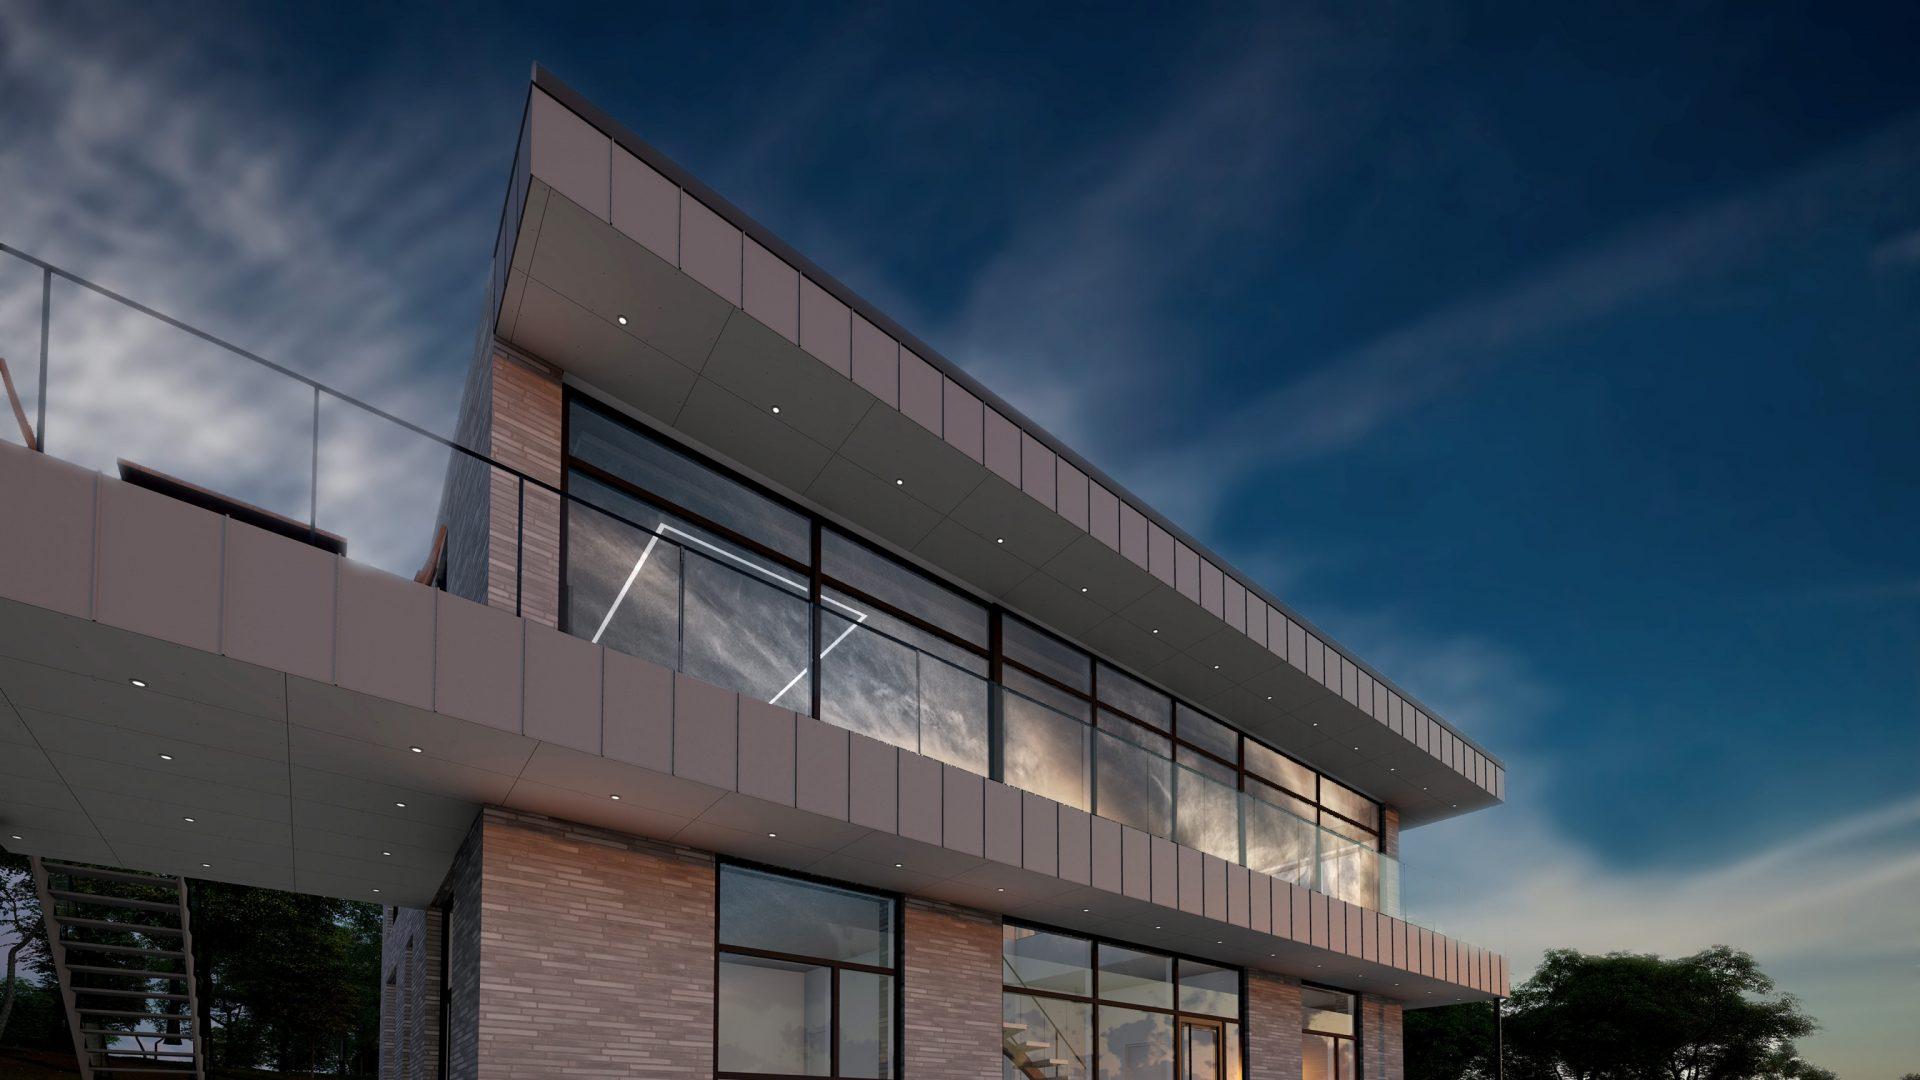 Nyt hus i Aalborg 05